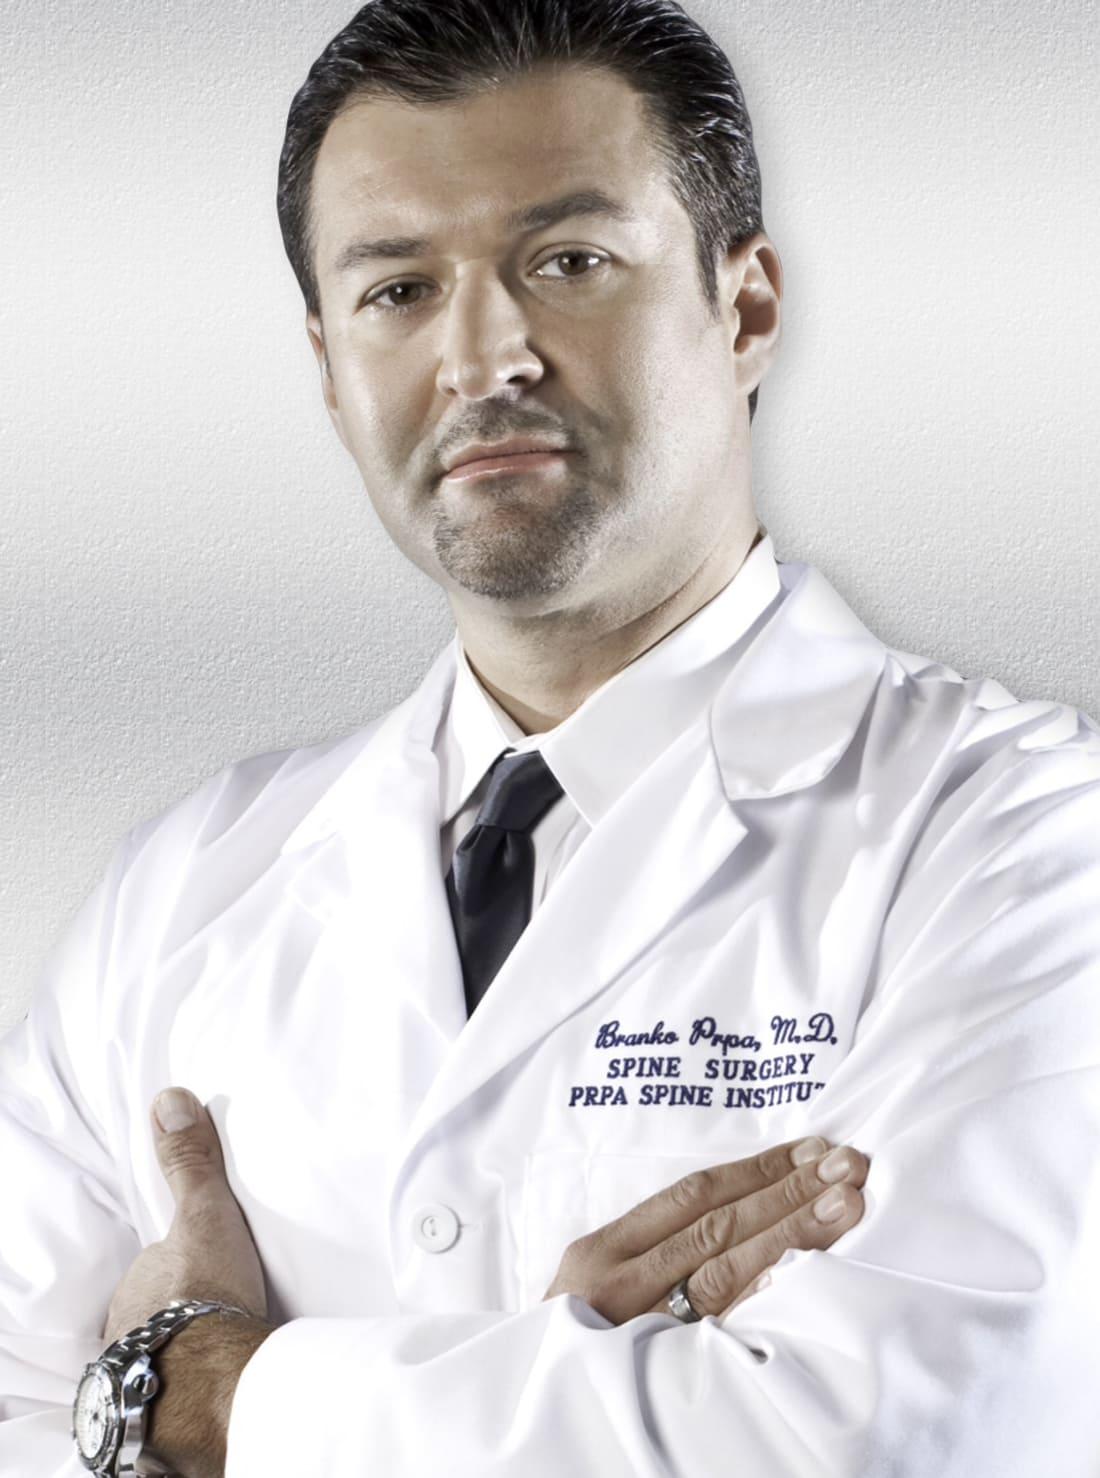 Dr. Branko N Prpa MD